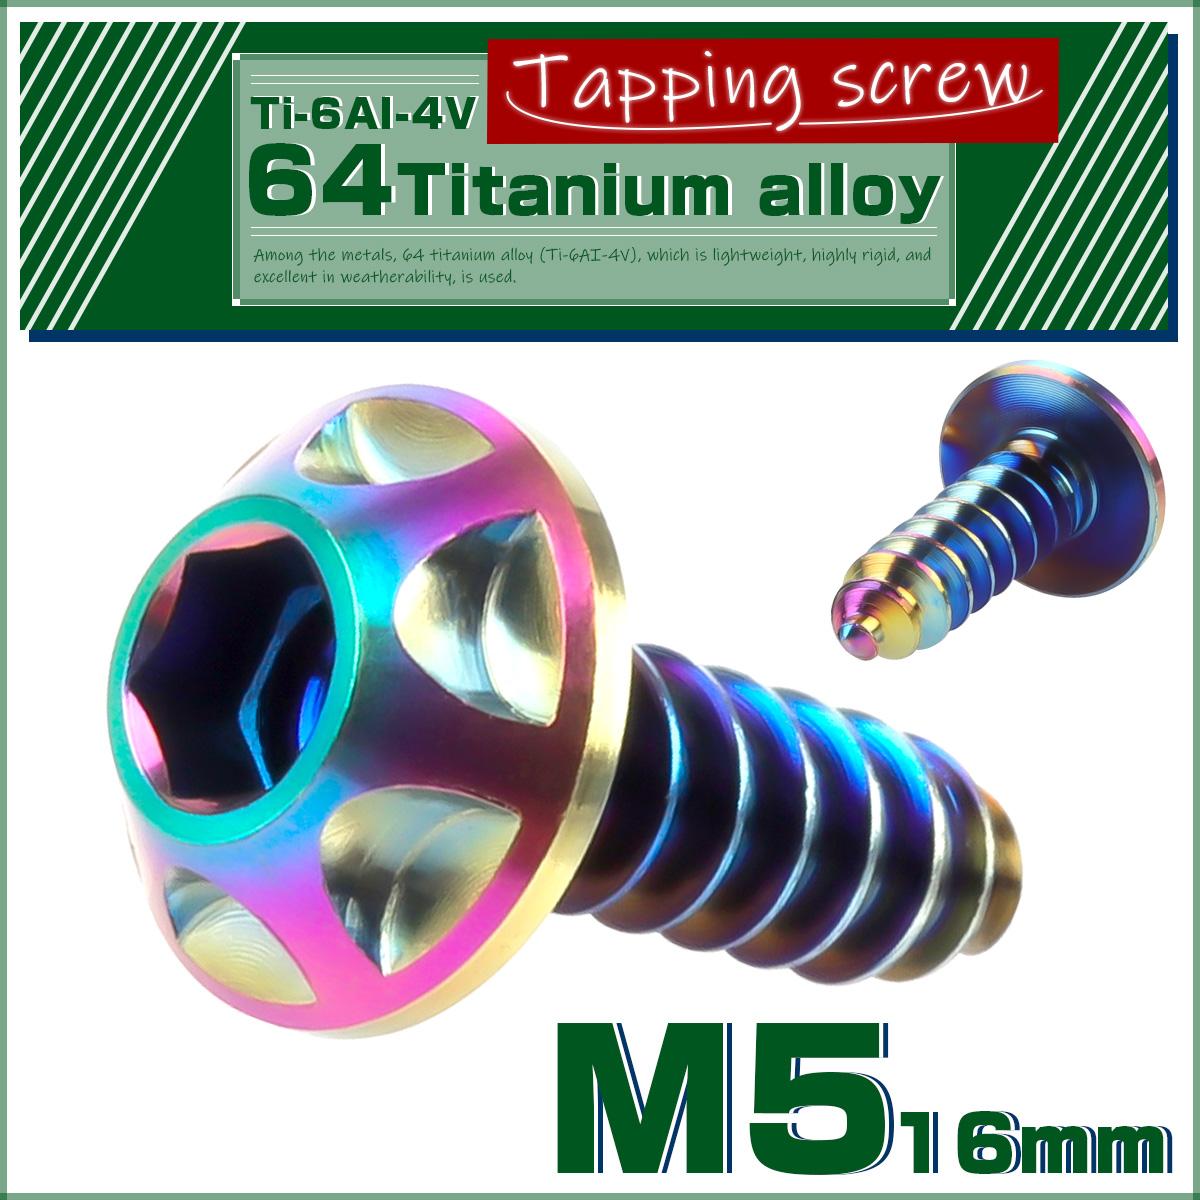 【ネコポス可】 64チタン合金(TC4 GR5 Ti-6Al-4V) M5 カッティングヘッド タッピングネジ ビス スクリュー 焼チタン風 虹色 JA036